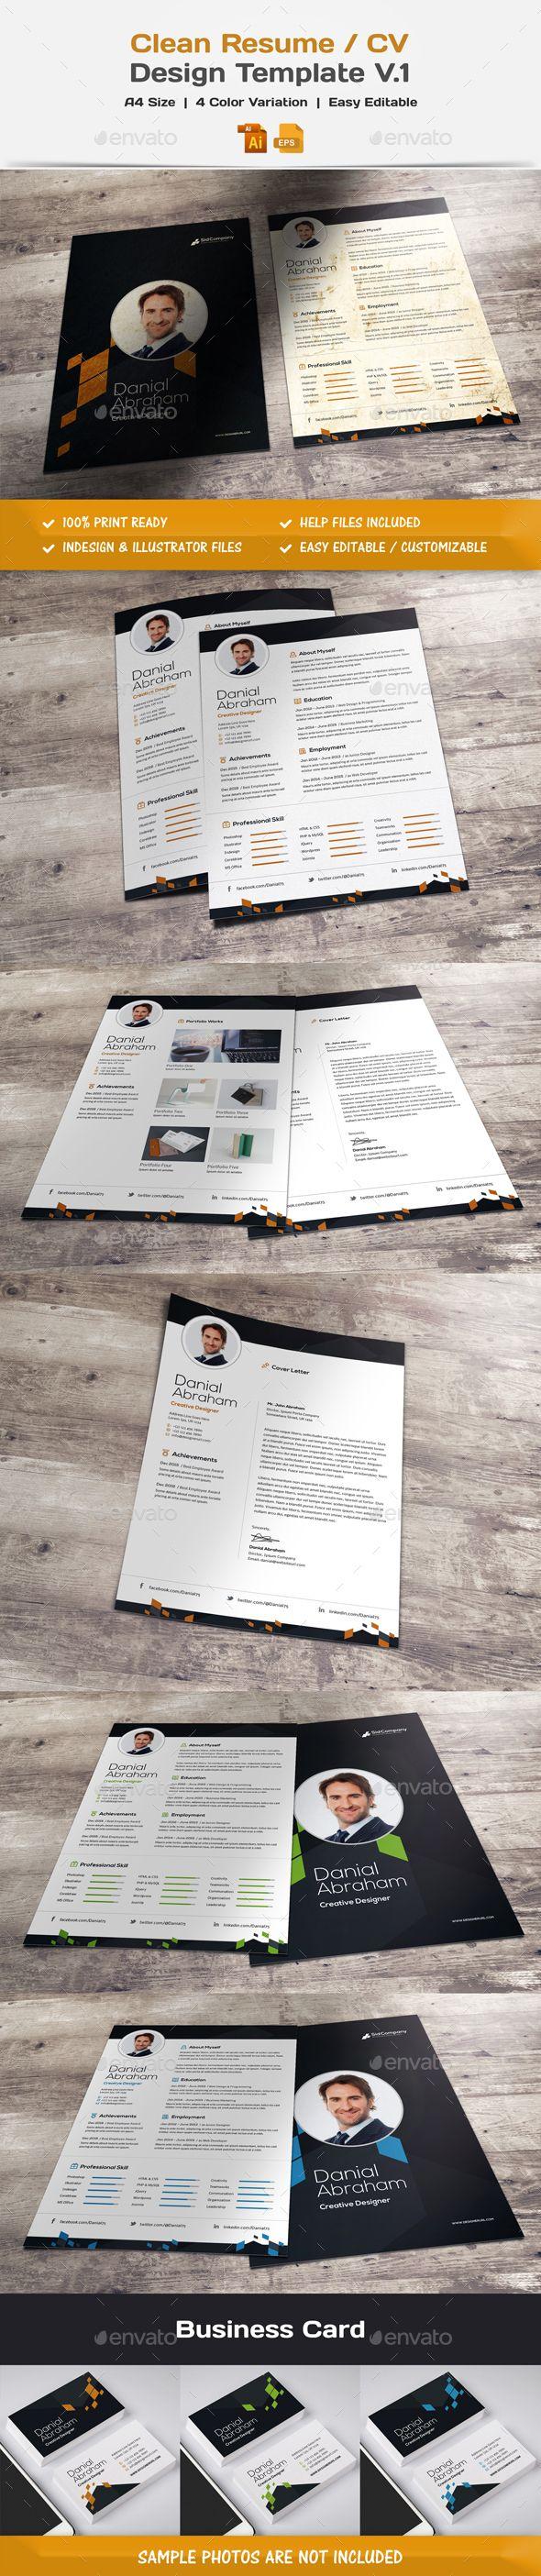 25 trending cv design template ideas on pinterest cv design